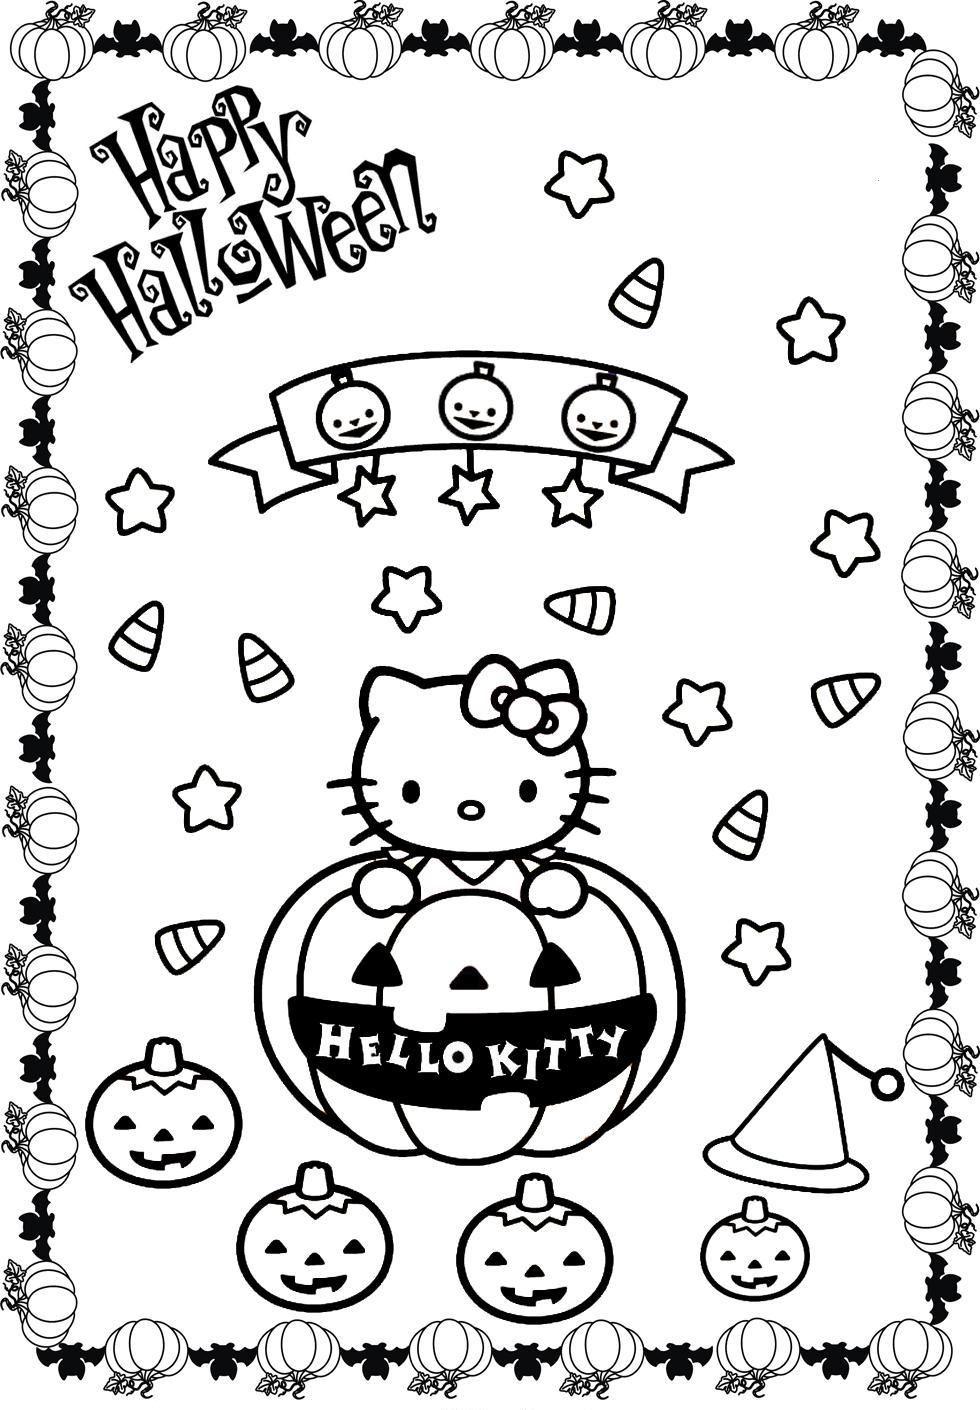 Colouring in halloween - Hello Kitty Halloween Coloring Pages Kitty Coloring Pages Or Print Pumpkin Halloween